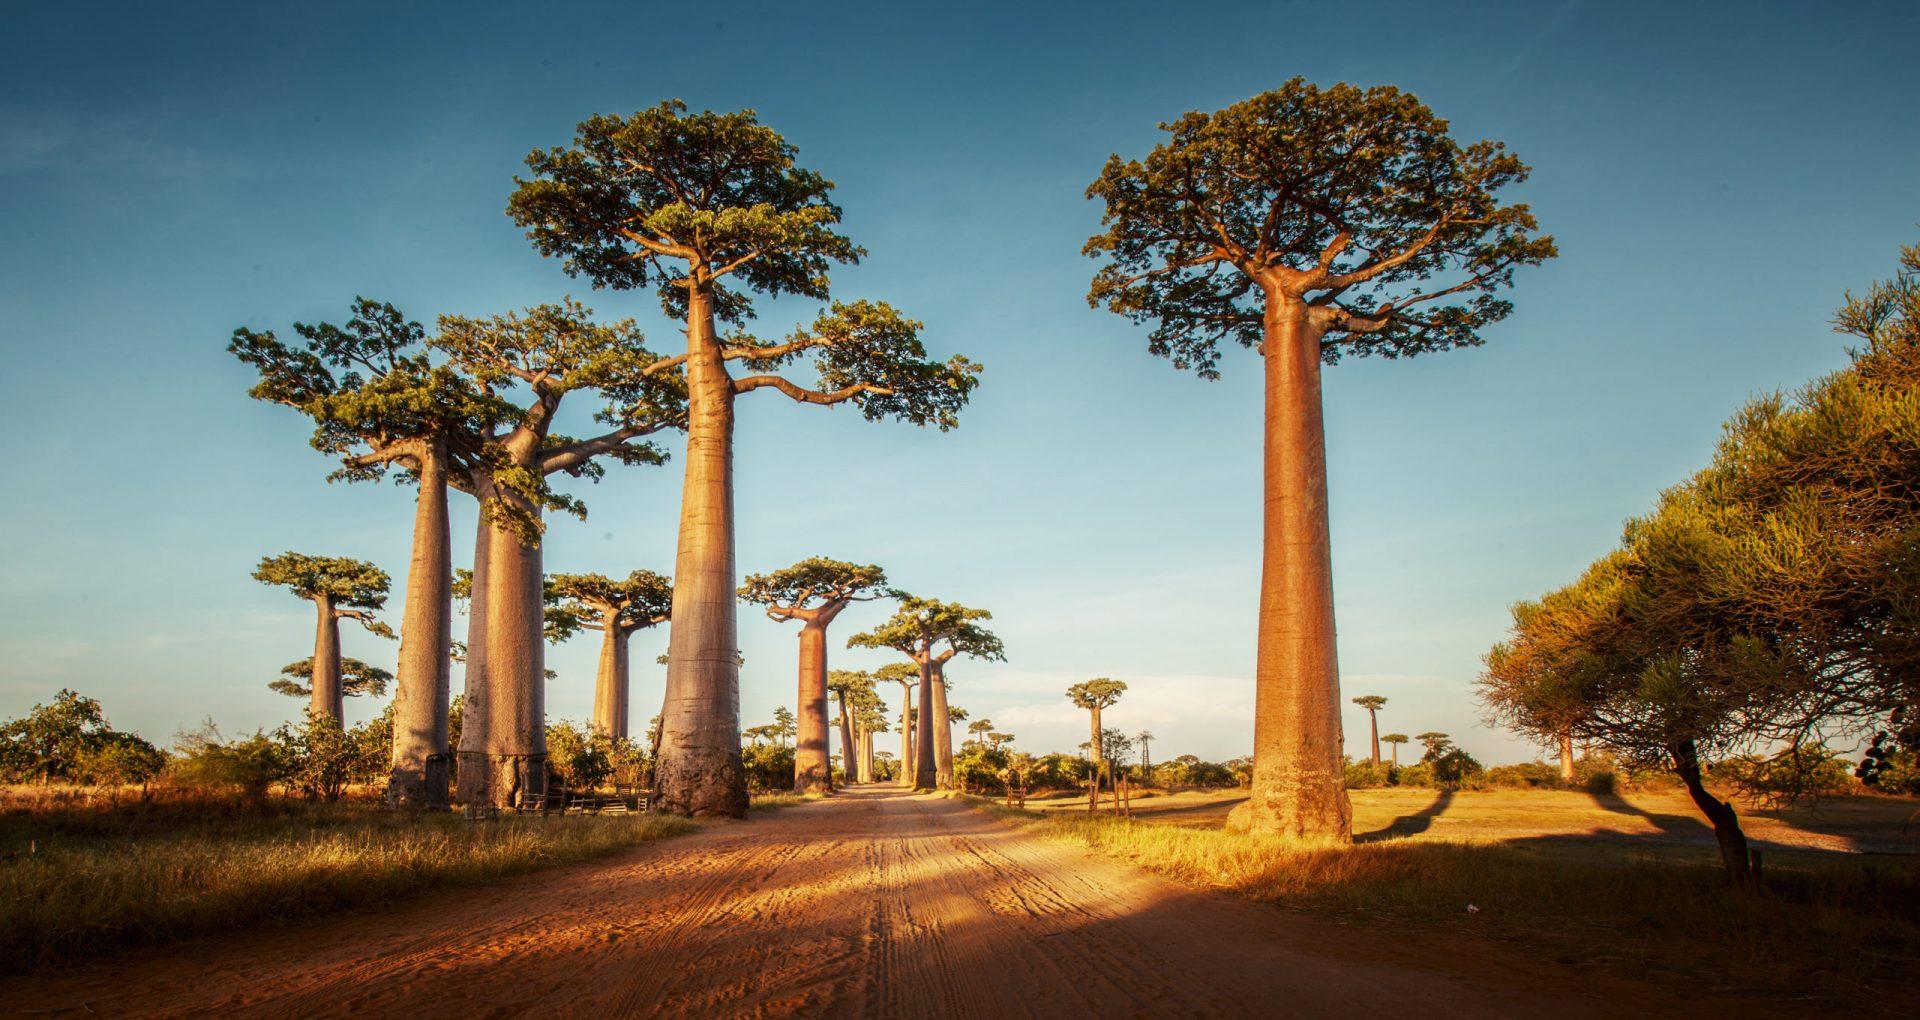 Le baobab : un arbre aux multiples bienfaits